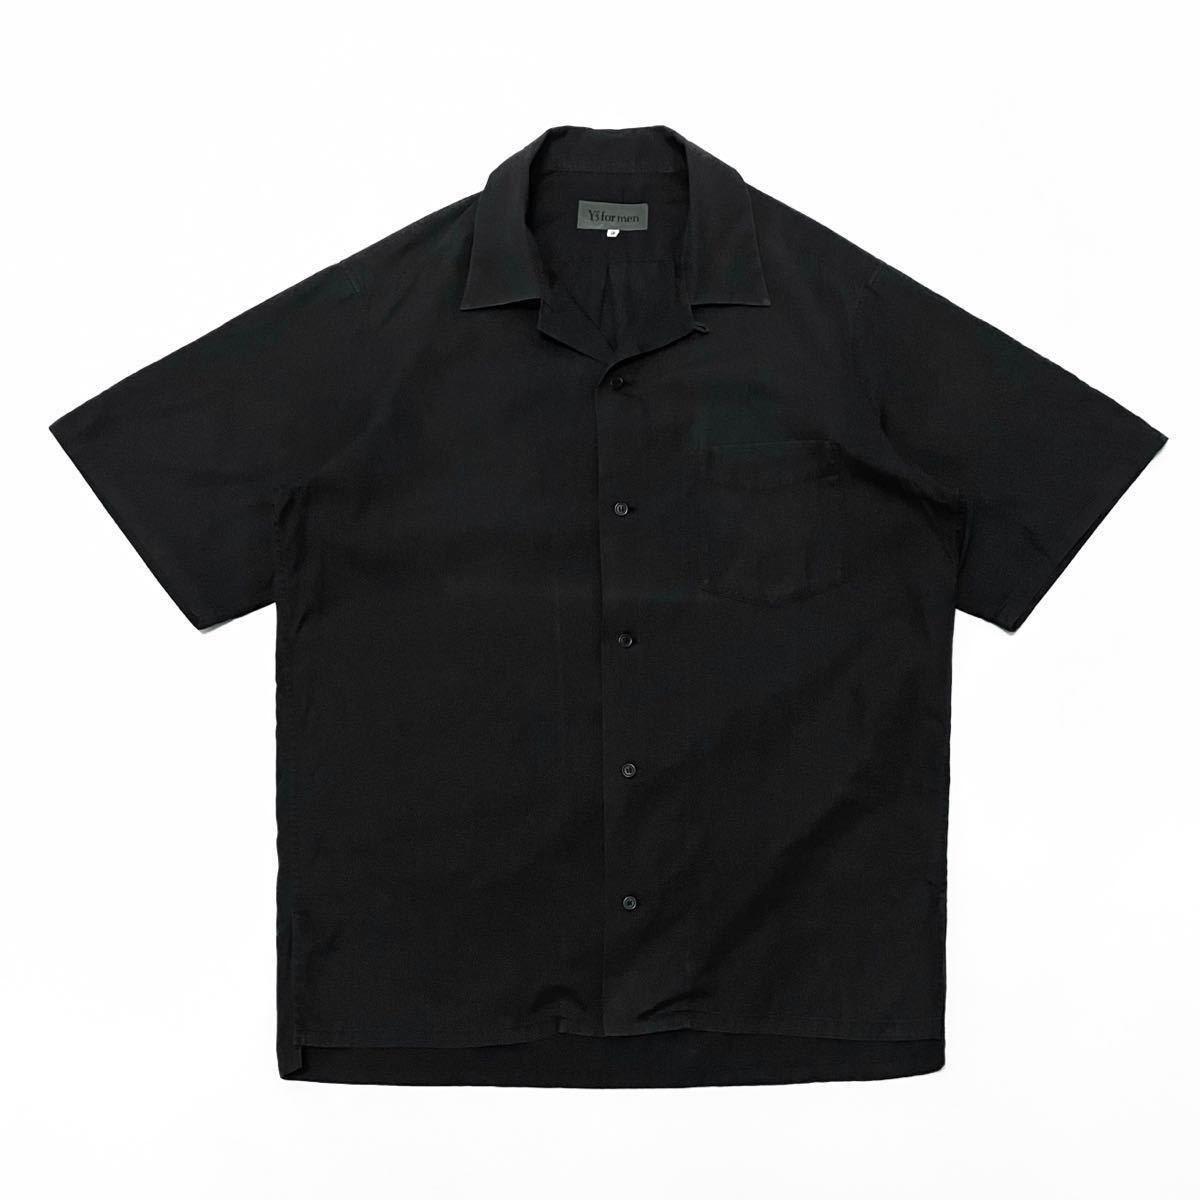 1スタ【Y's for men コットン オープンカラーシャツ 3】ブラック 日本製 Yohji Yamamoto ヨウジヤマモト 90s アーカイブ ラルフ Caldwell